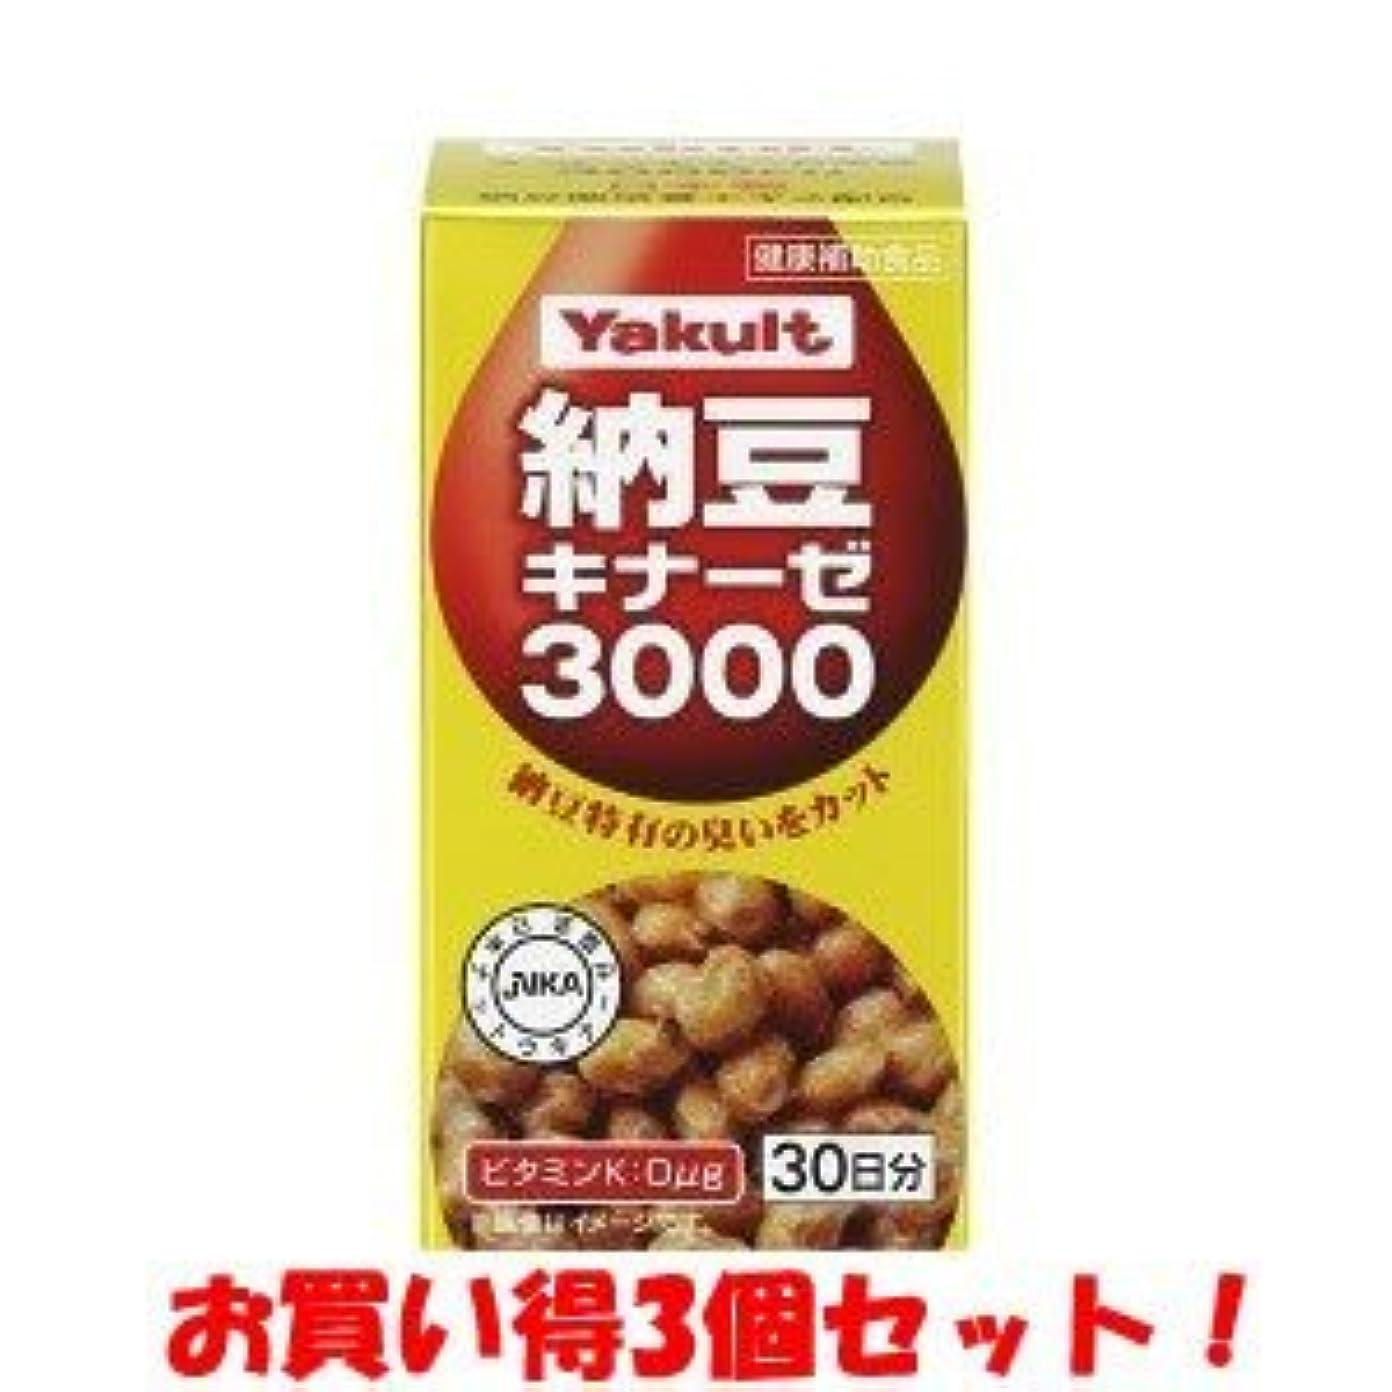 候補者姪夕食を作る(ヤクルトヘルスフーズ)ヤクルト 納豆キナーゼ3000 180粒(お買い得3個セット)